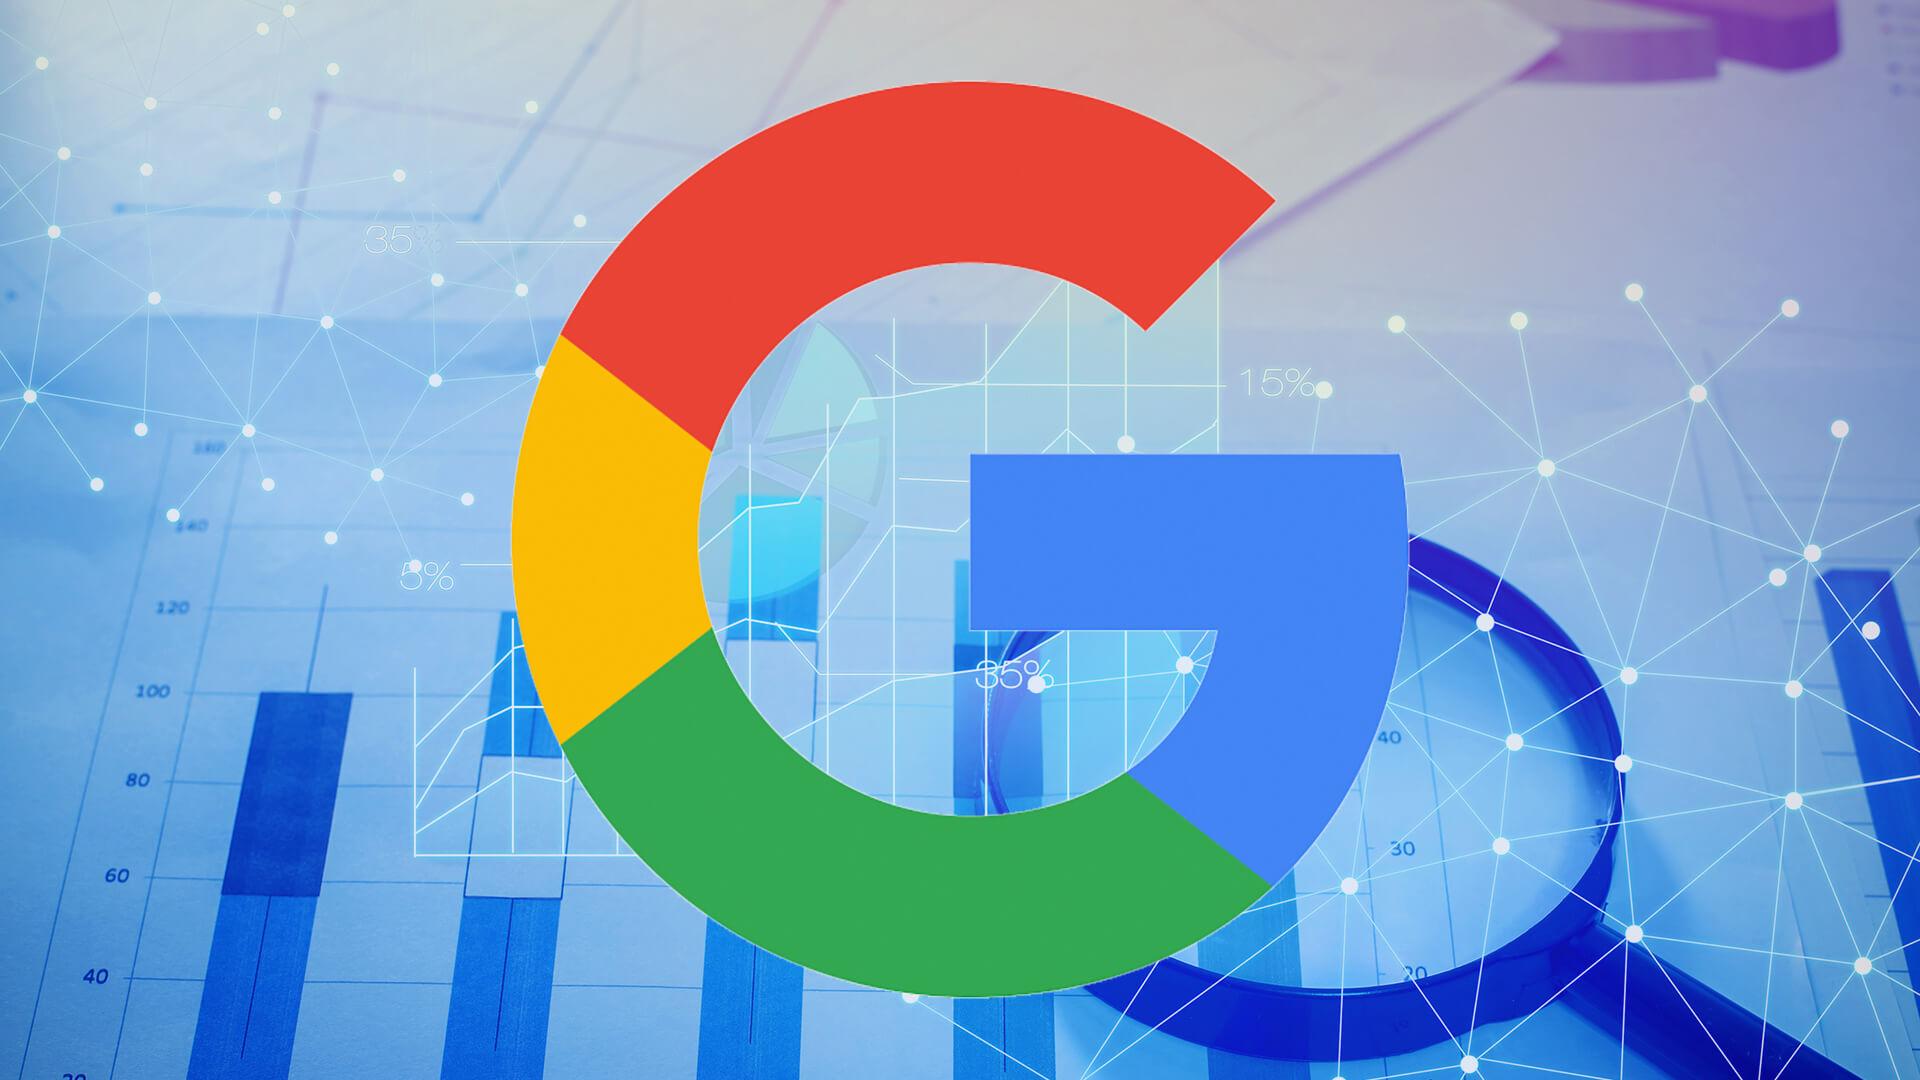 image logo google sur fond de données pour article sur la nouvelle fonction de suppression automatique des historiques d'activité et localisation